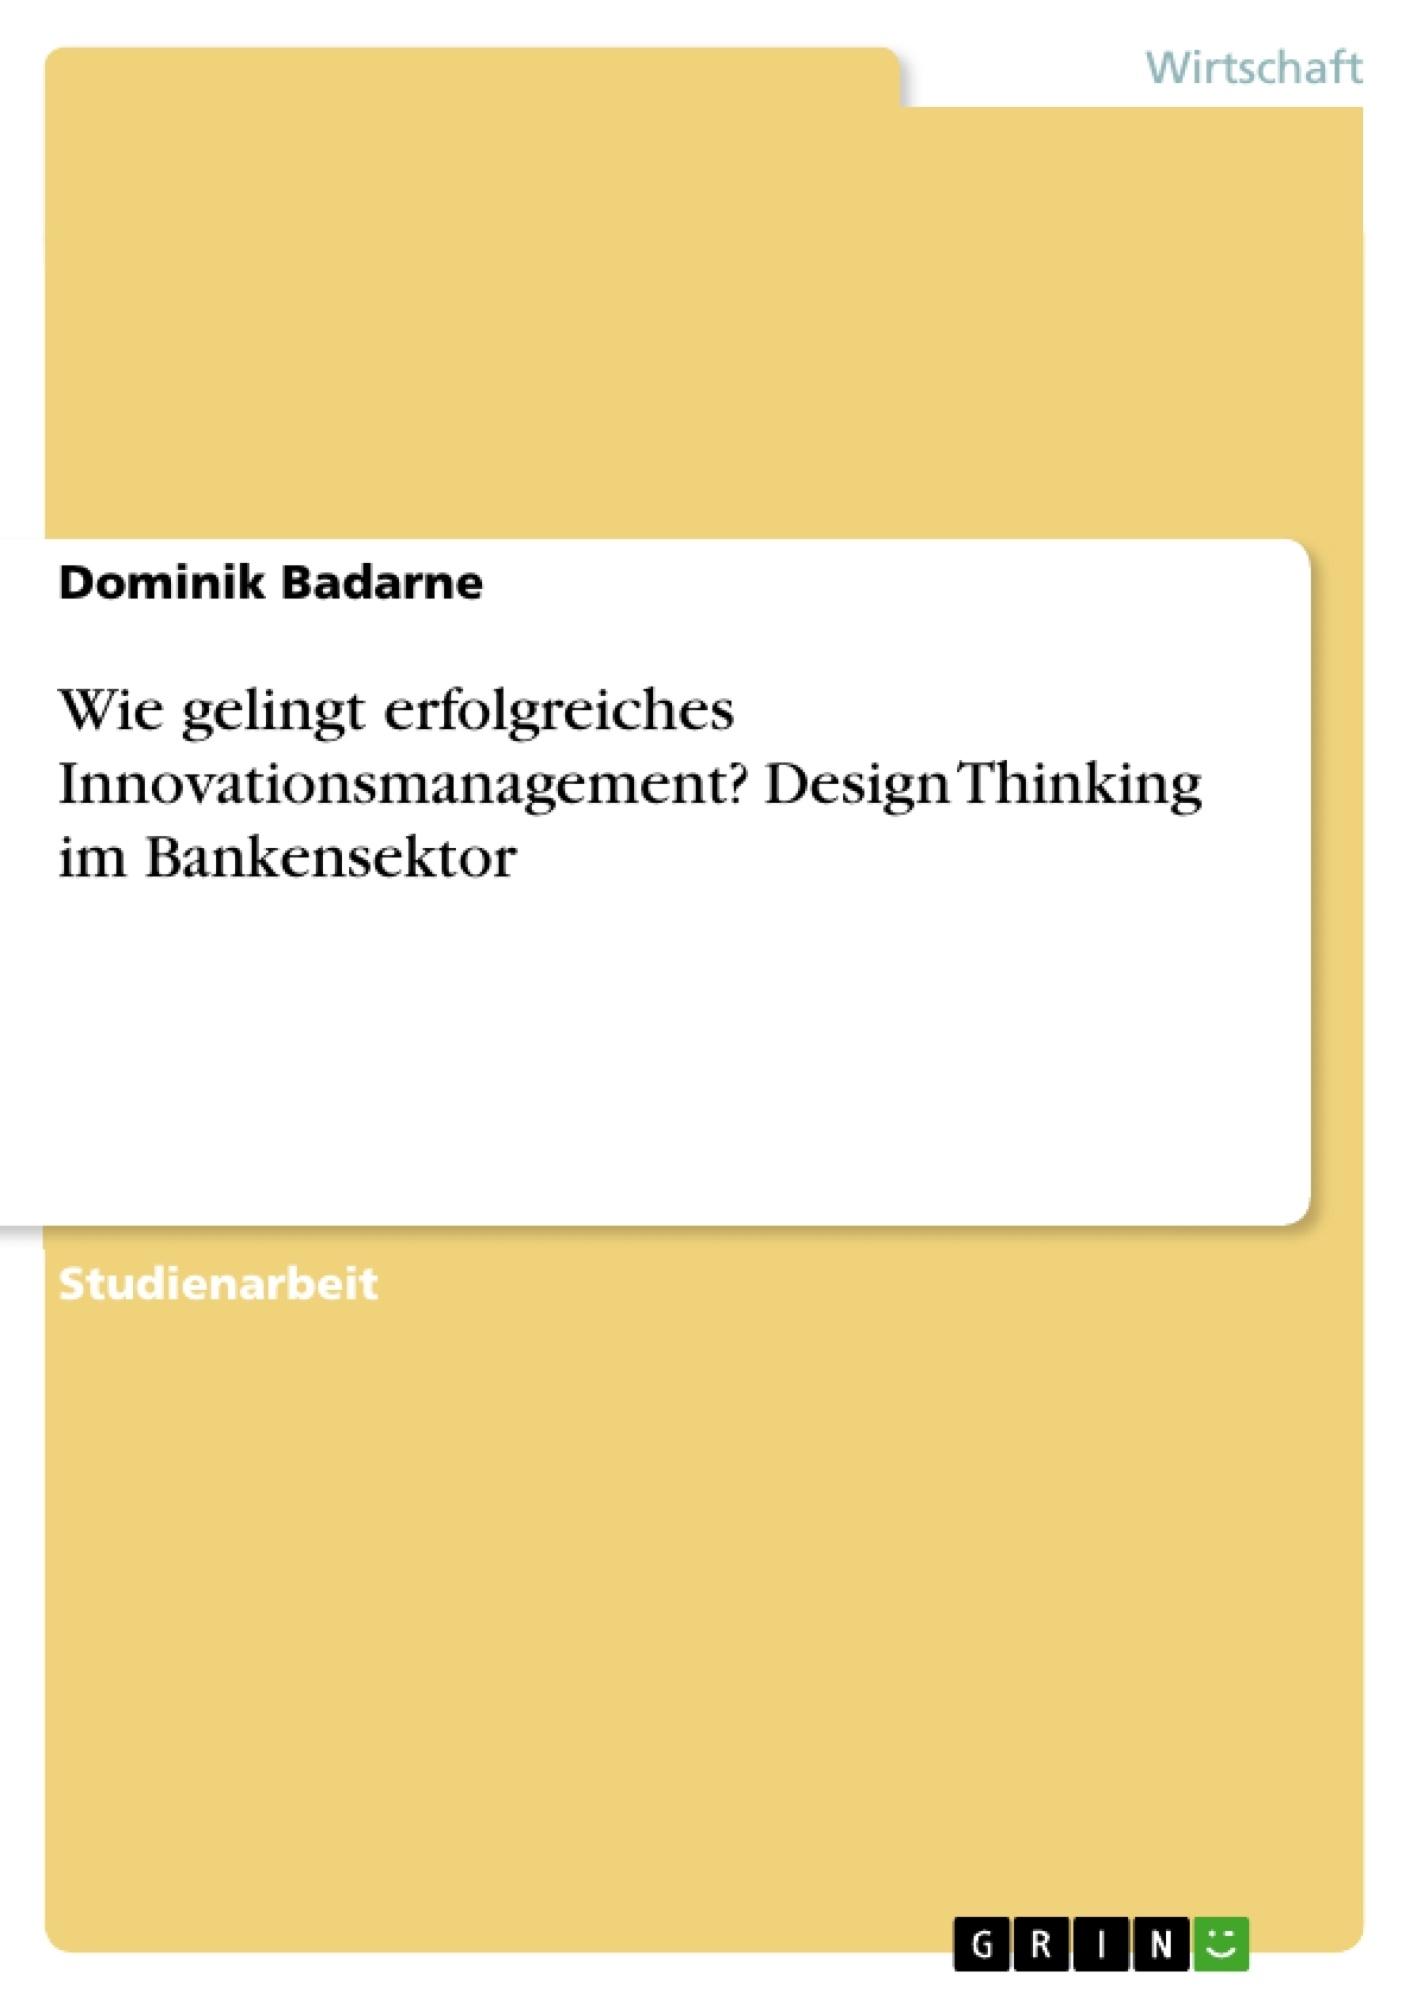 Titel: Wie gelingt erfolgreiches Innovationsmanagement? Design Thinking im Bankensektor